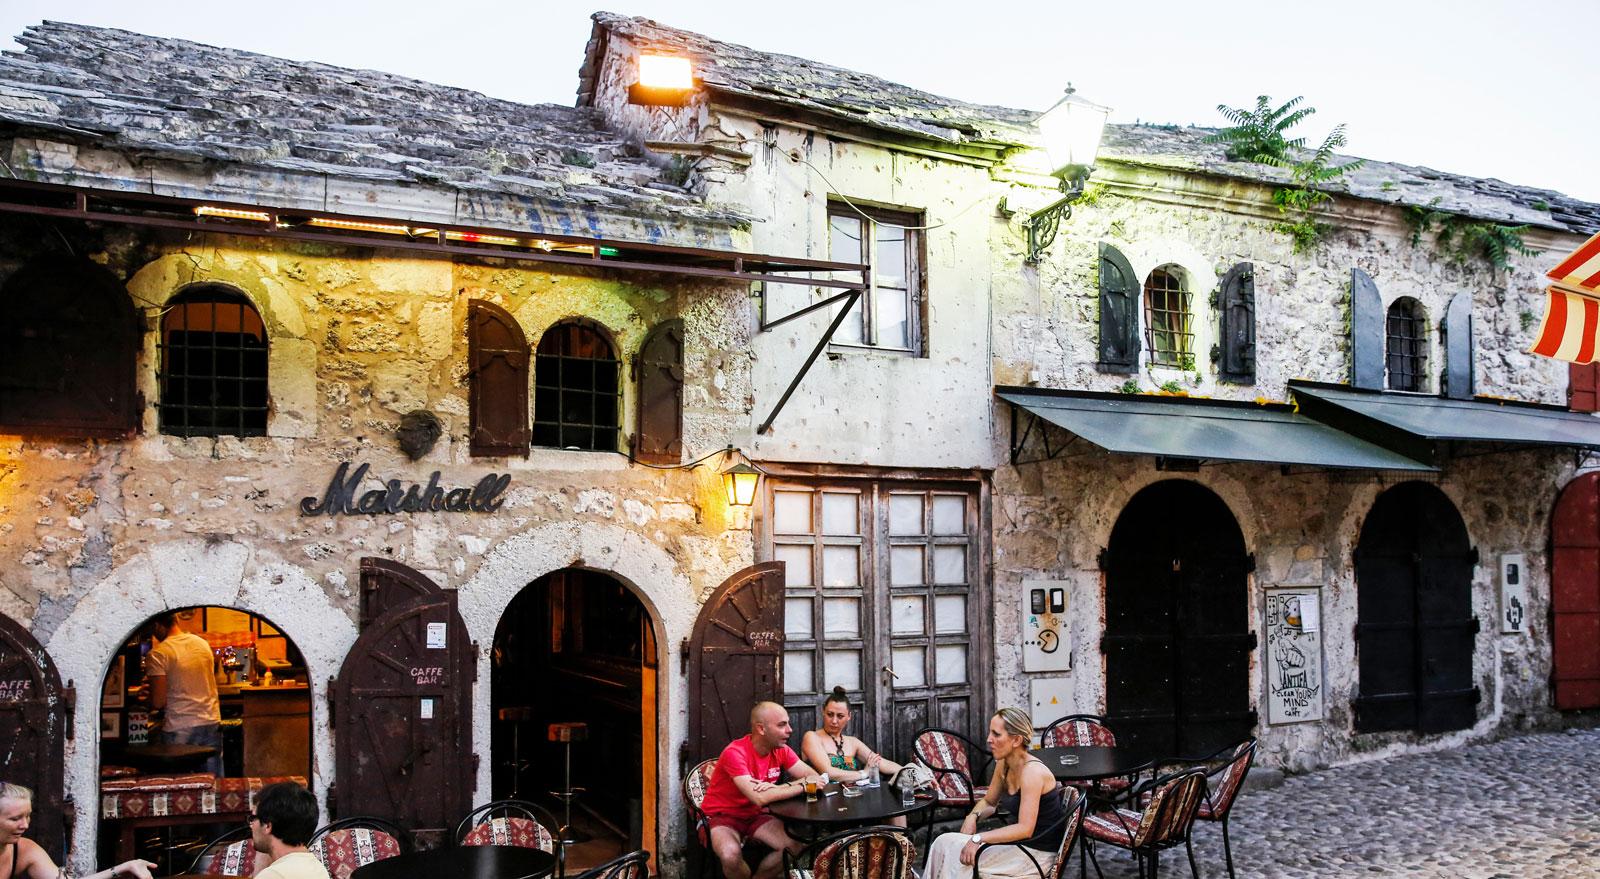 Marshall är en enkel, men trevlig bar/kafé i centrala Mostar.